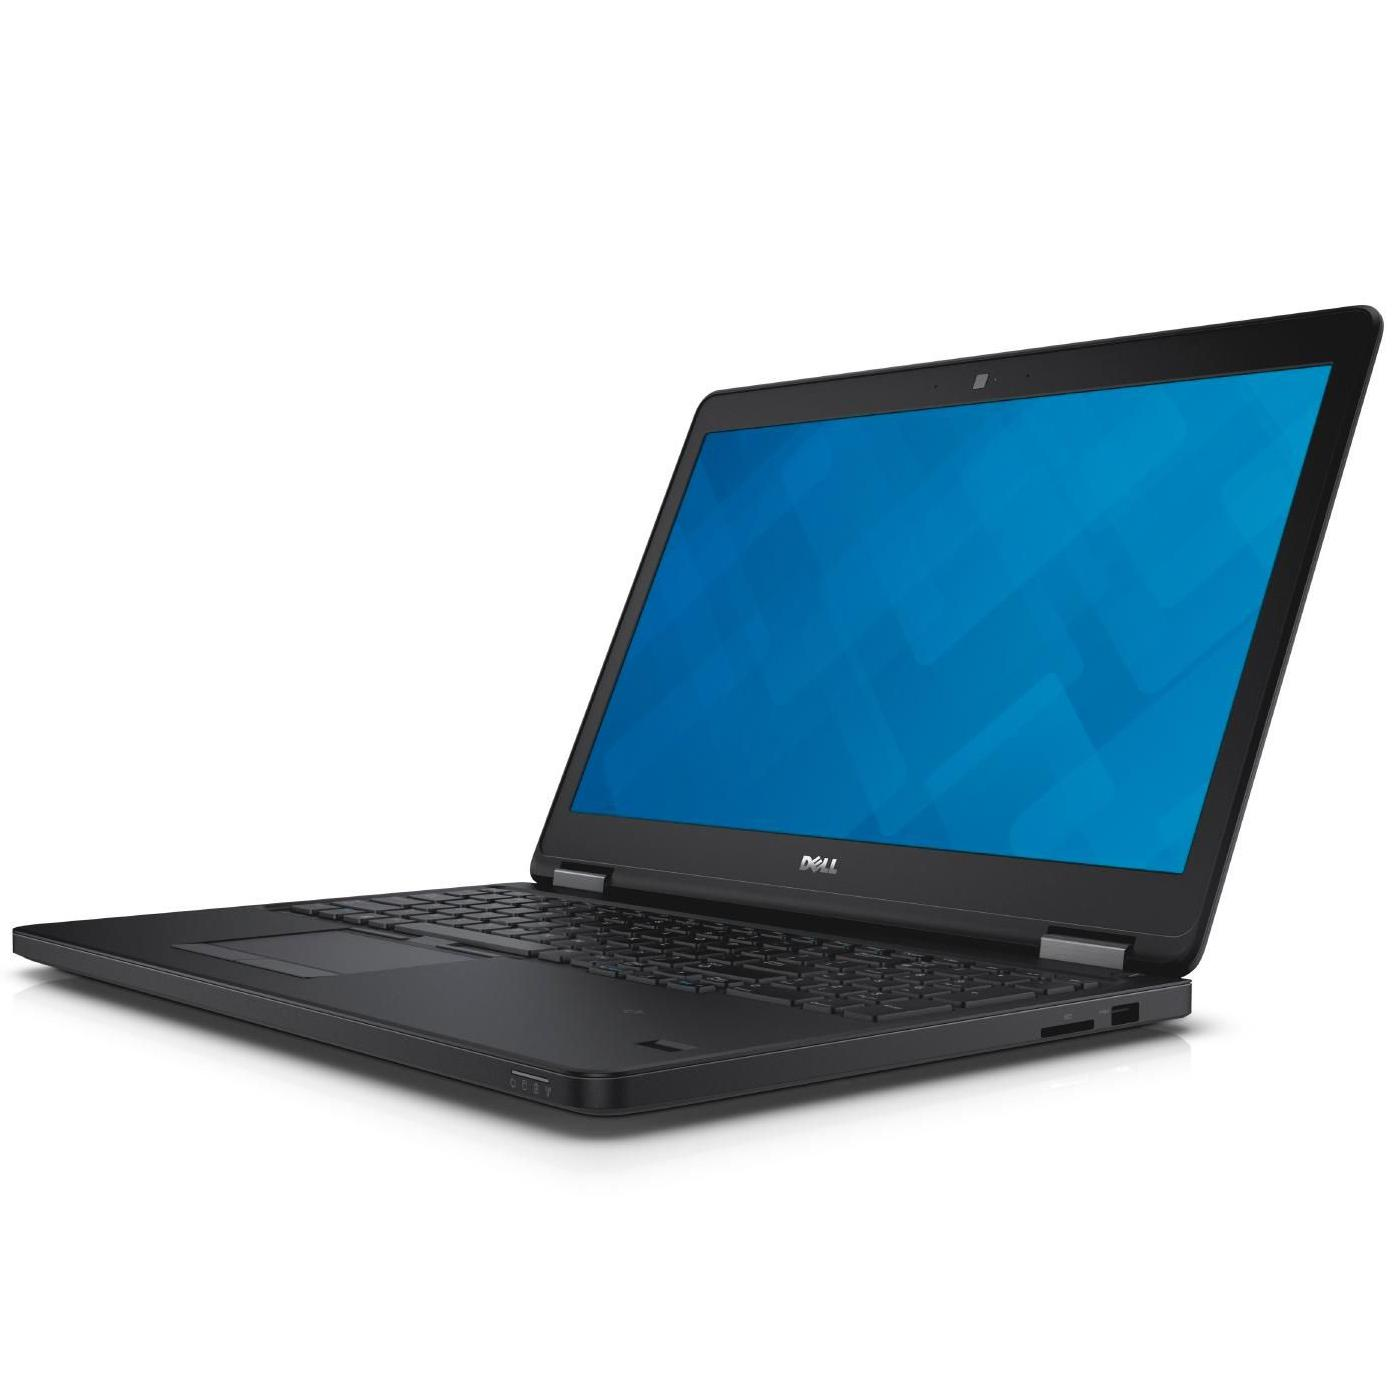 Dell Latitude E5550 15,6-tum (2014) - Core i5-5300U - 8GB - SSD 128 GB AZERTY - Fransk